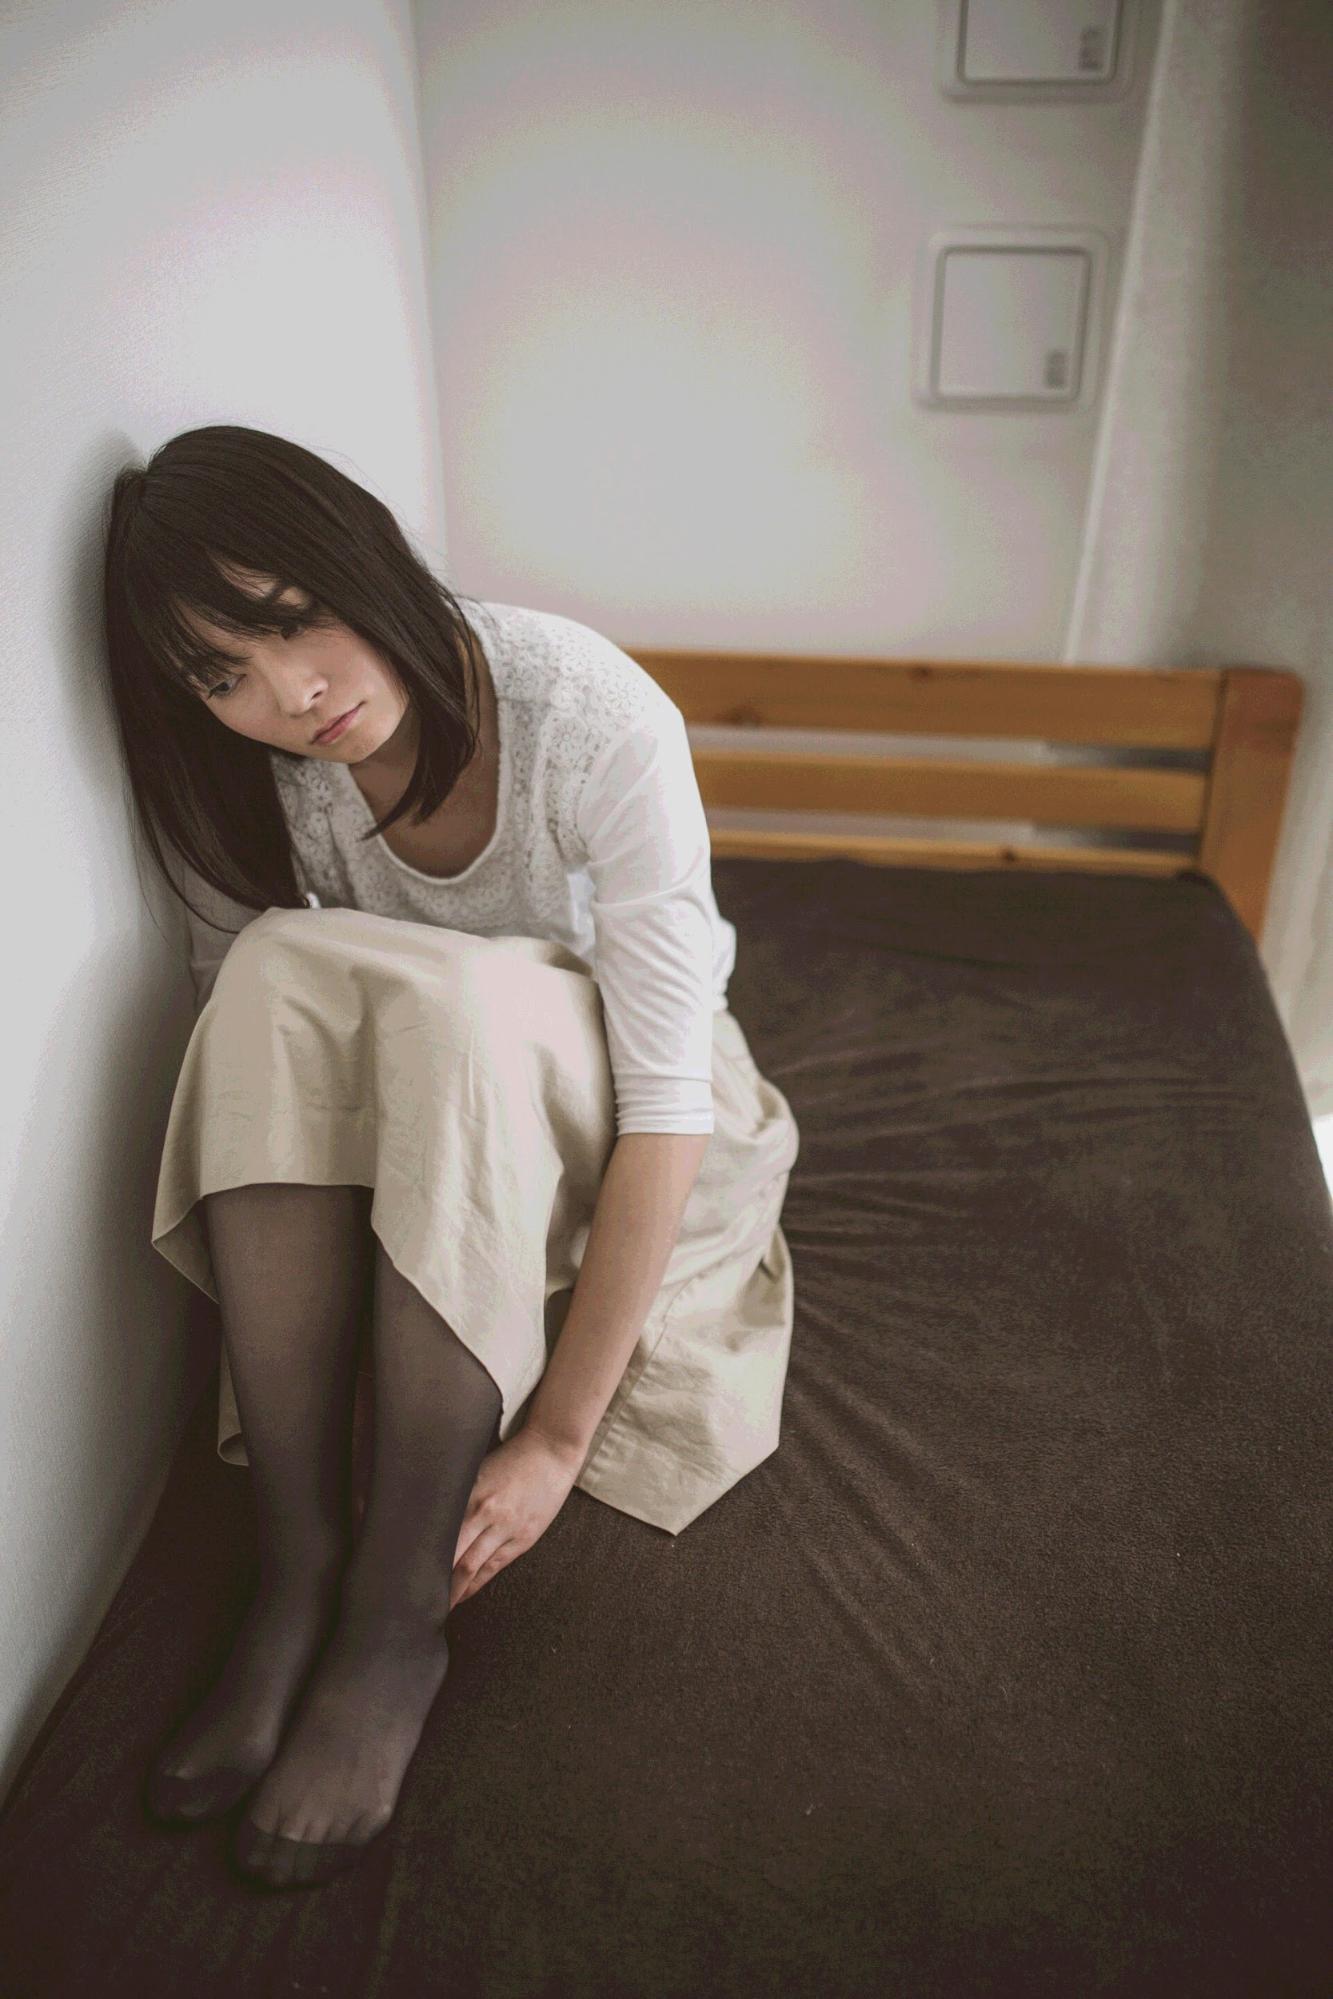 孤独を癒すアイテム